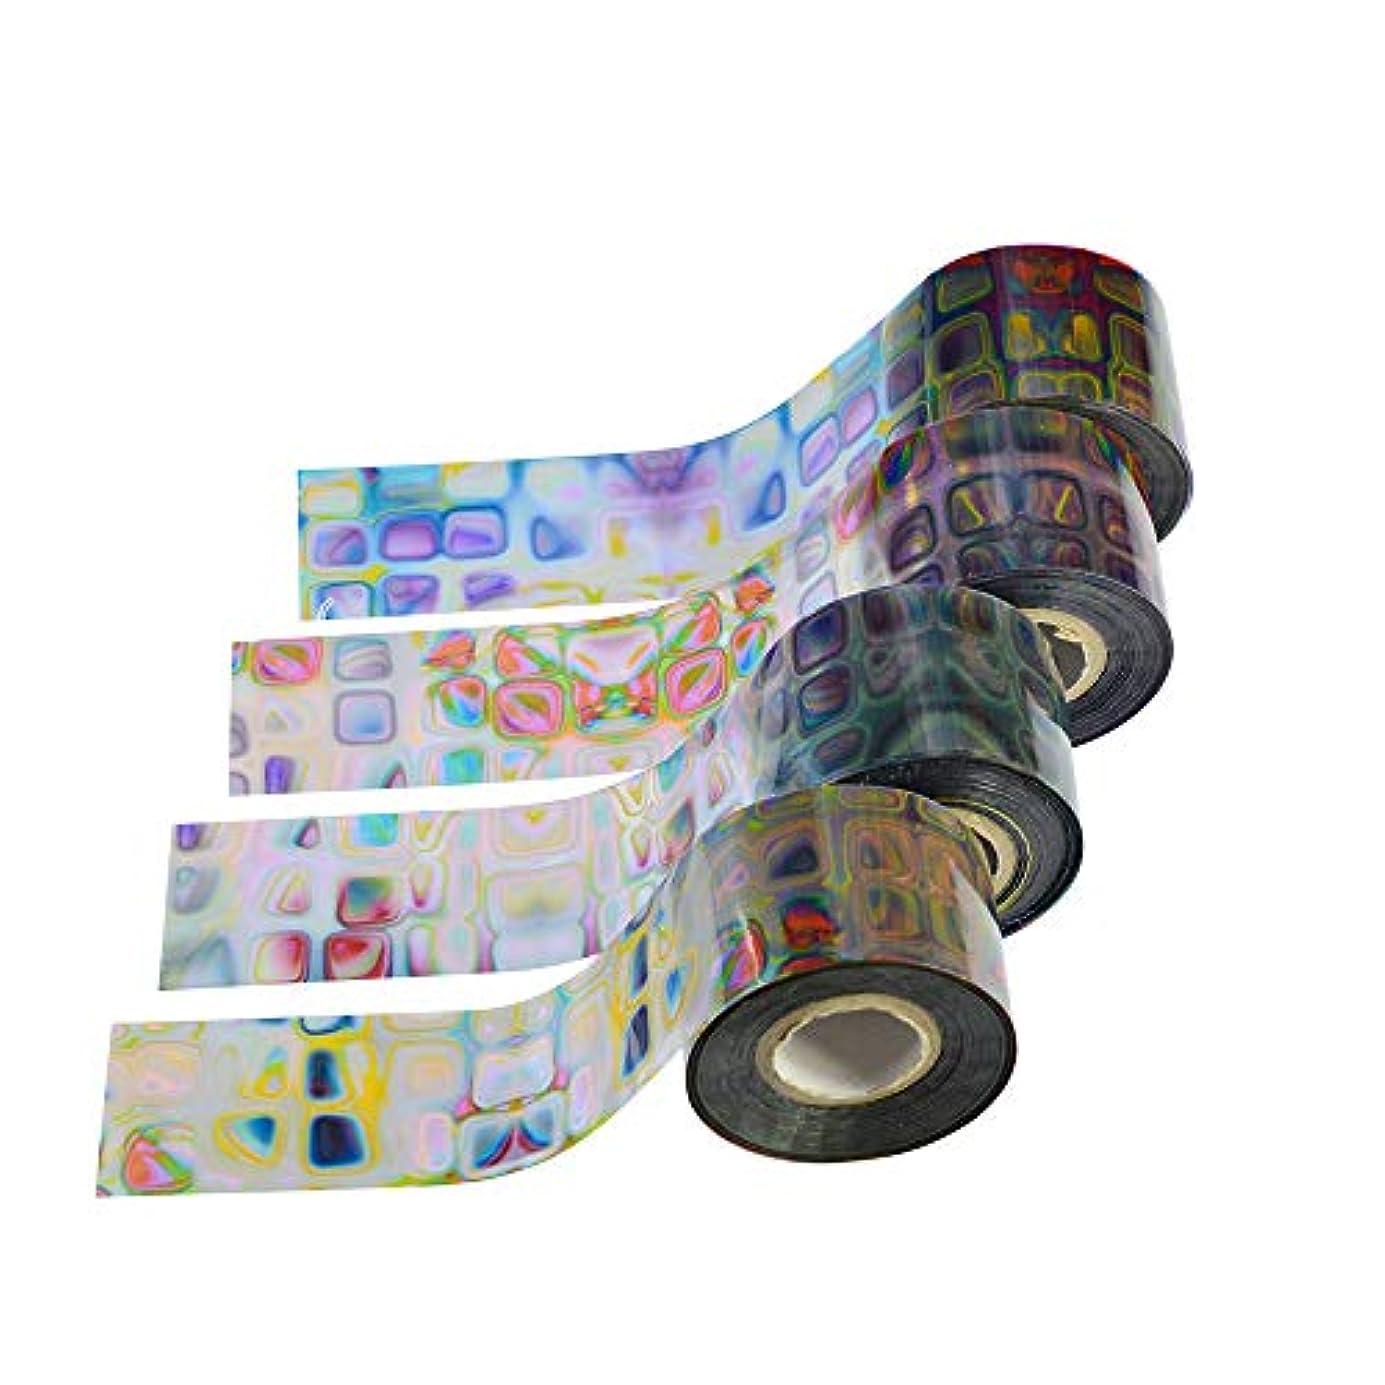 悪魔フック教育SUKTI&XIAO ネイルステッカー 16ロール迷路グラデーション星空スカイホイルネイルアート転写ステッカーデカールラップマニキュア装飾diy接着剤